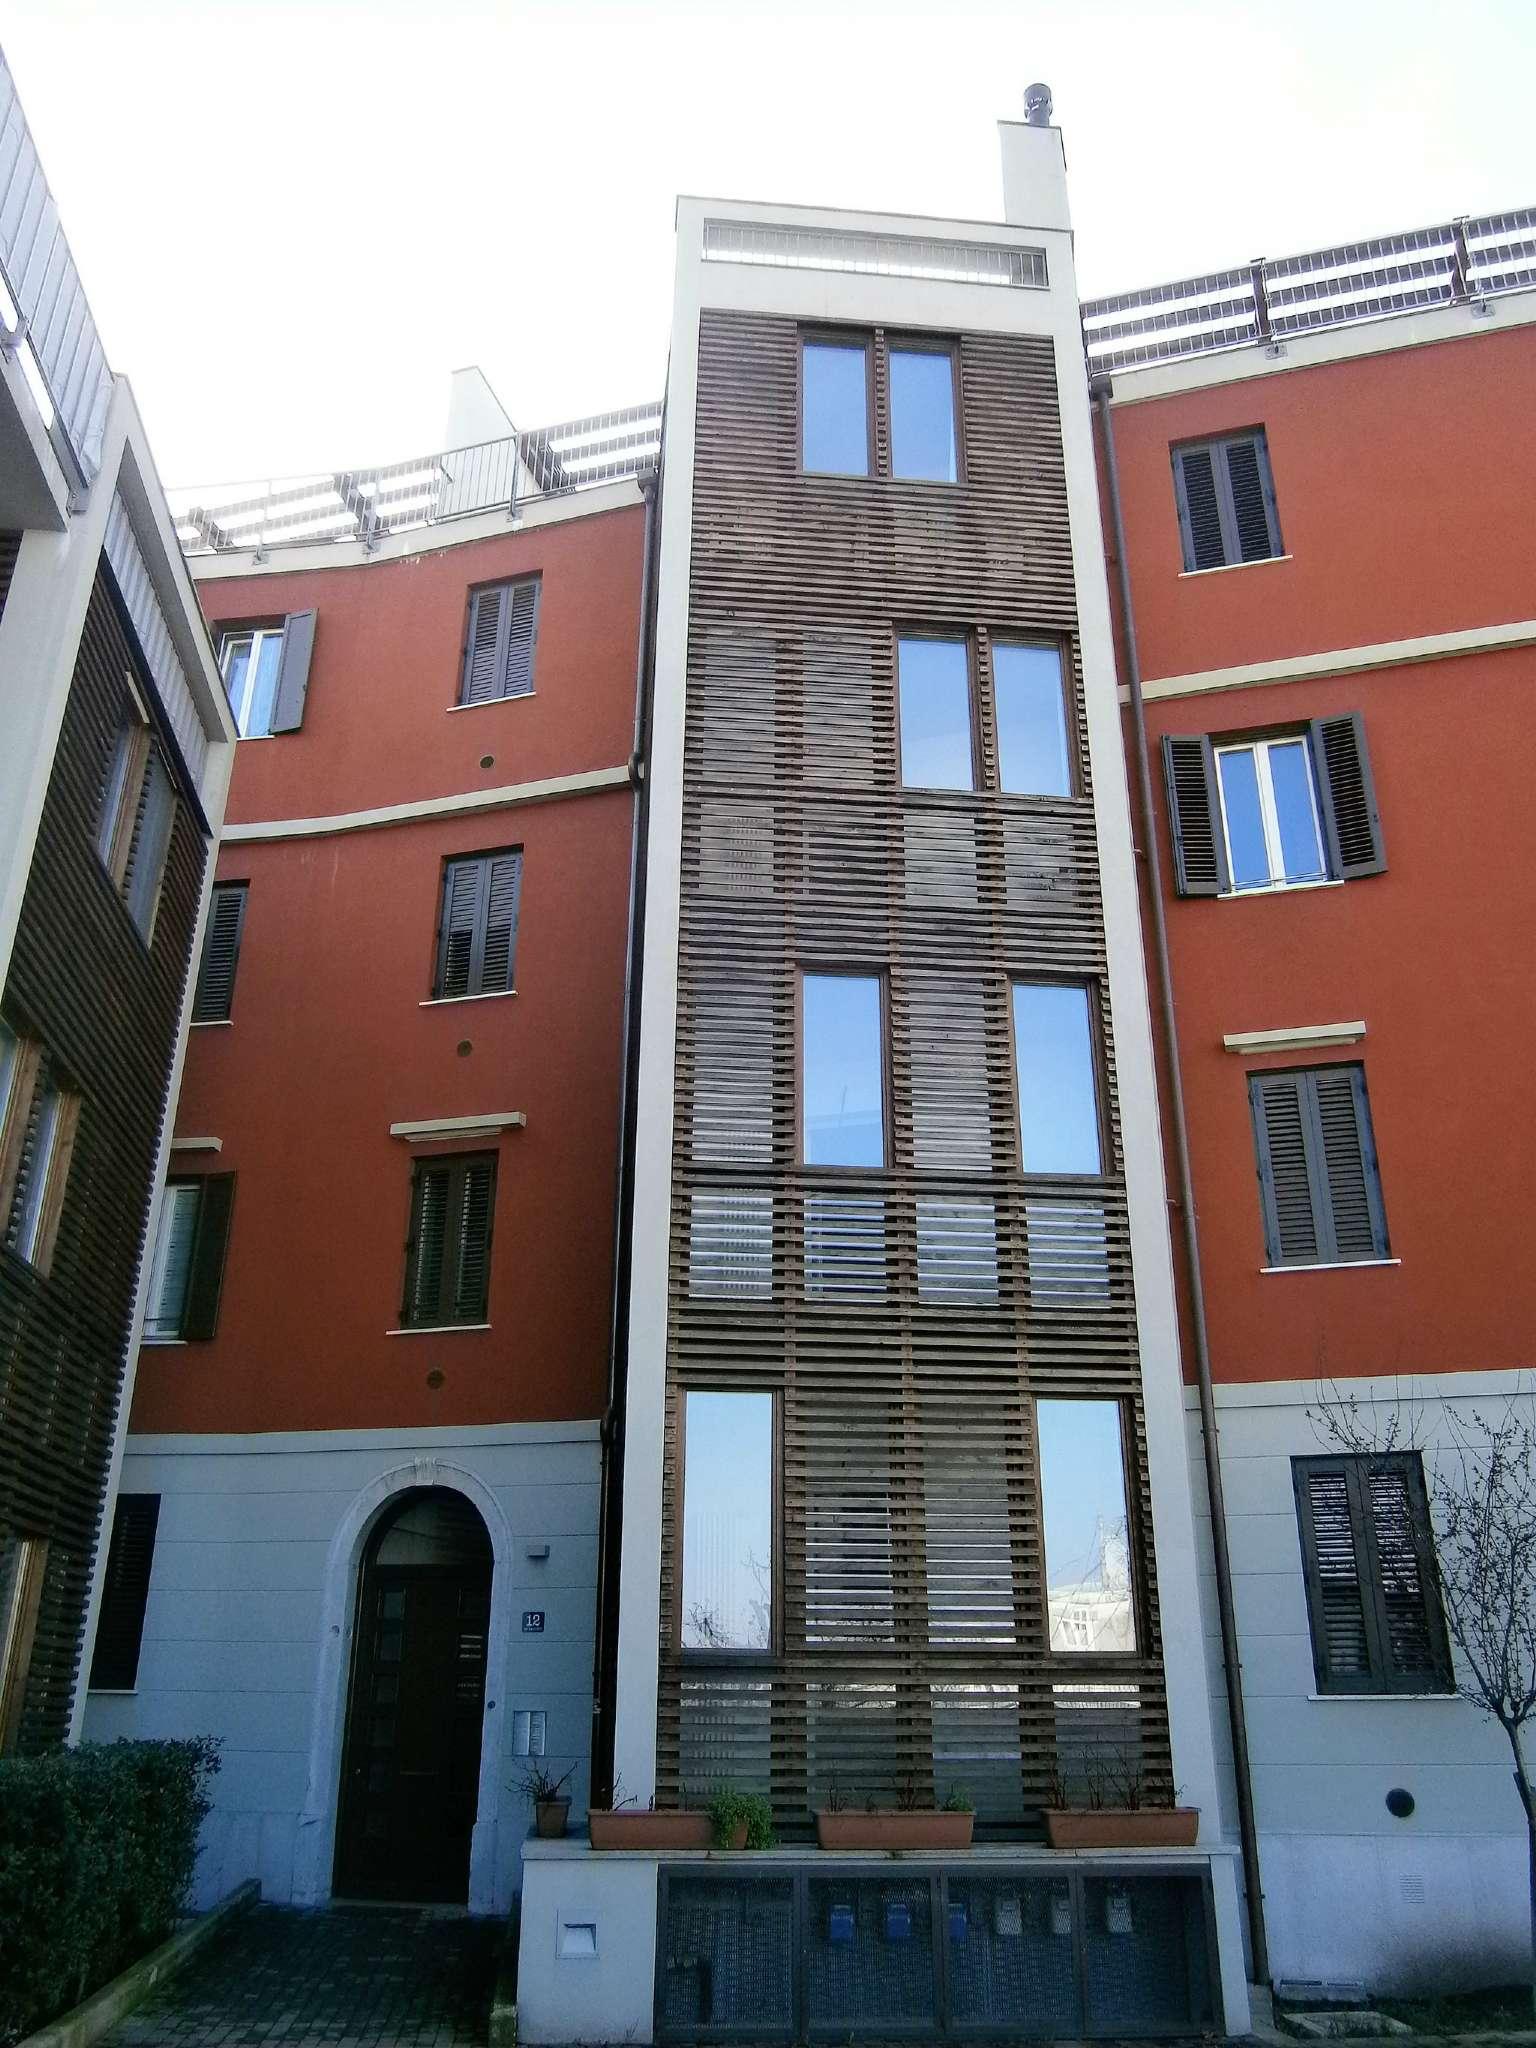 Appartamento in vendita a Trieste, 1 locali, prezzo € 94.000   CambioCasa.it